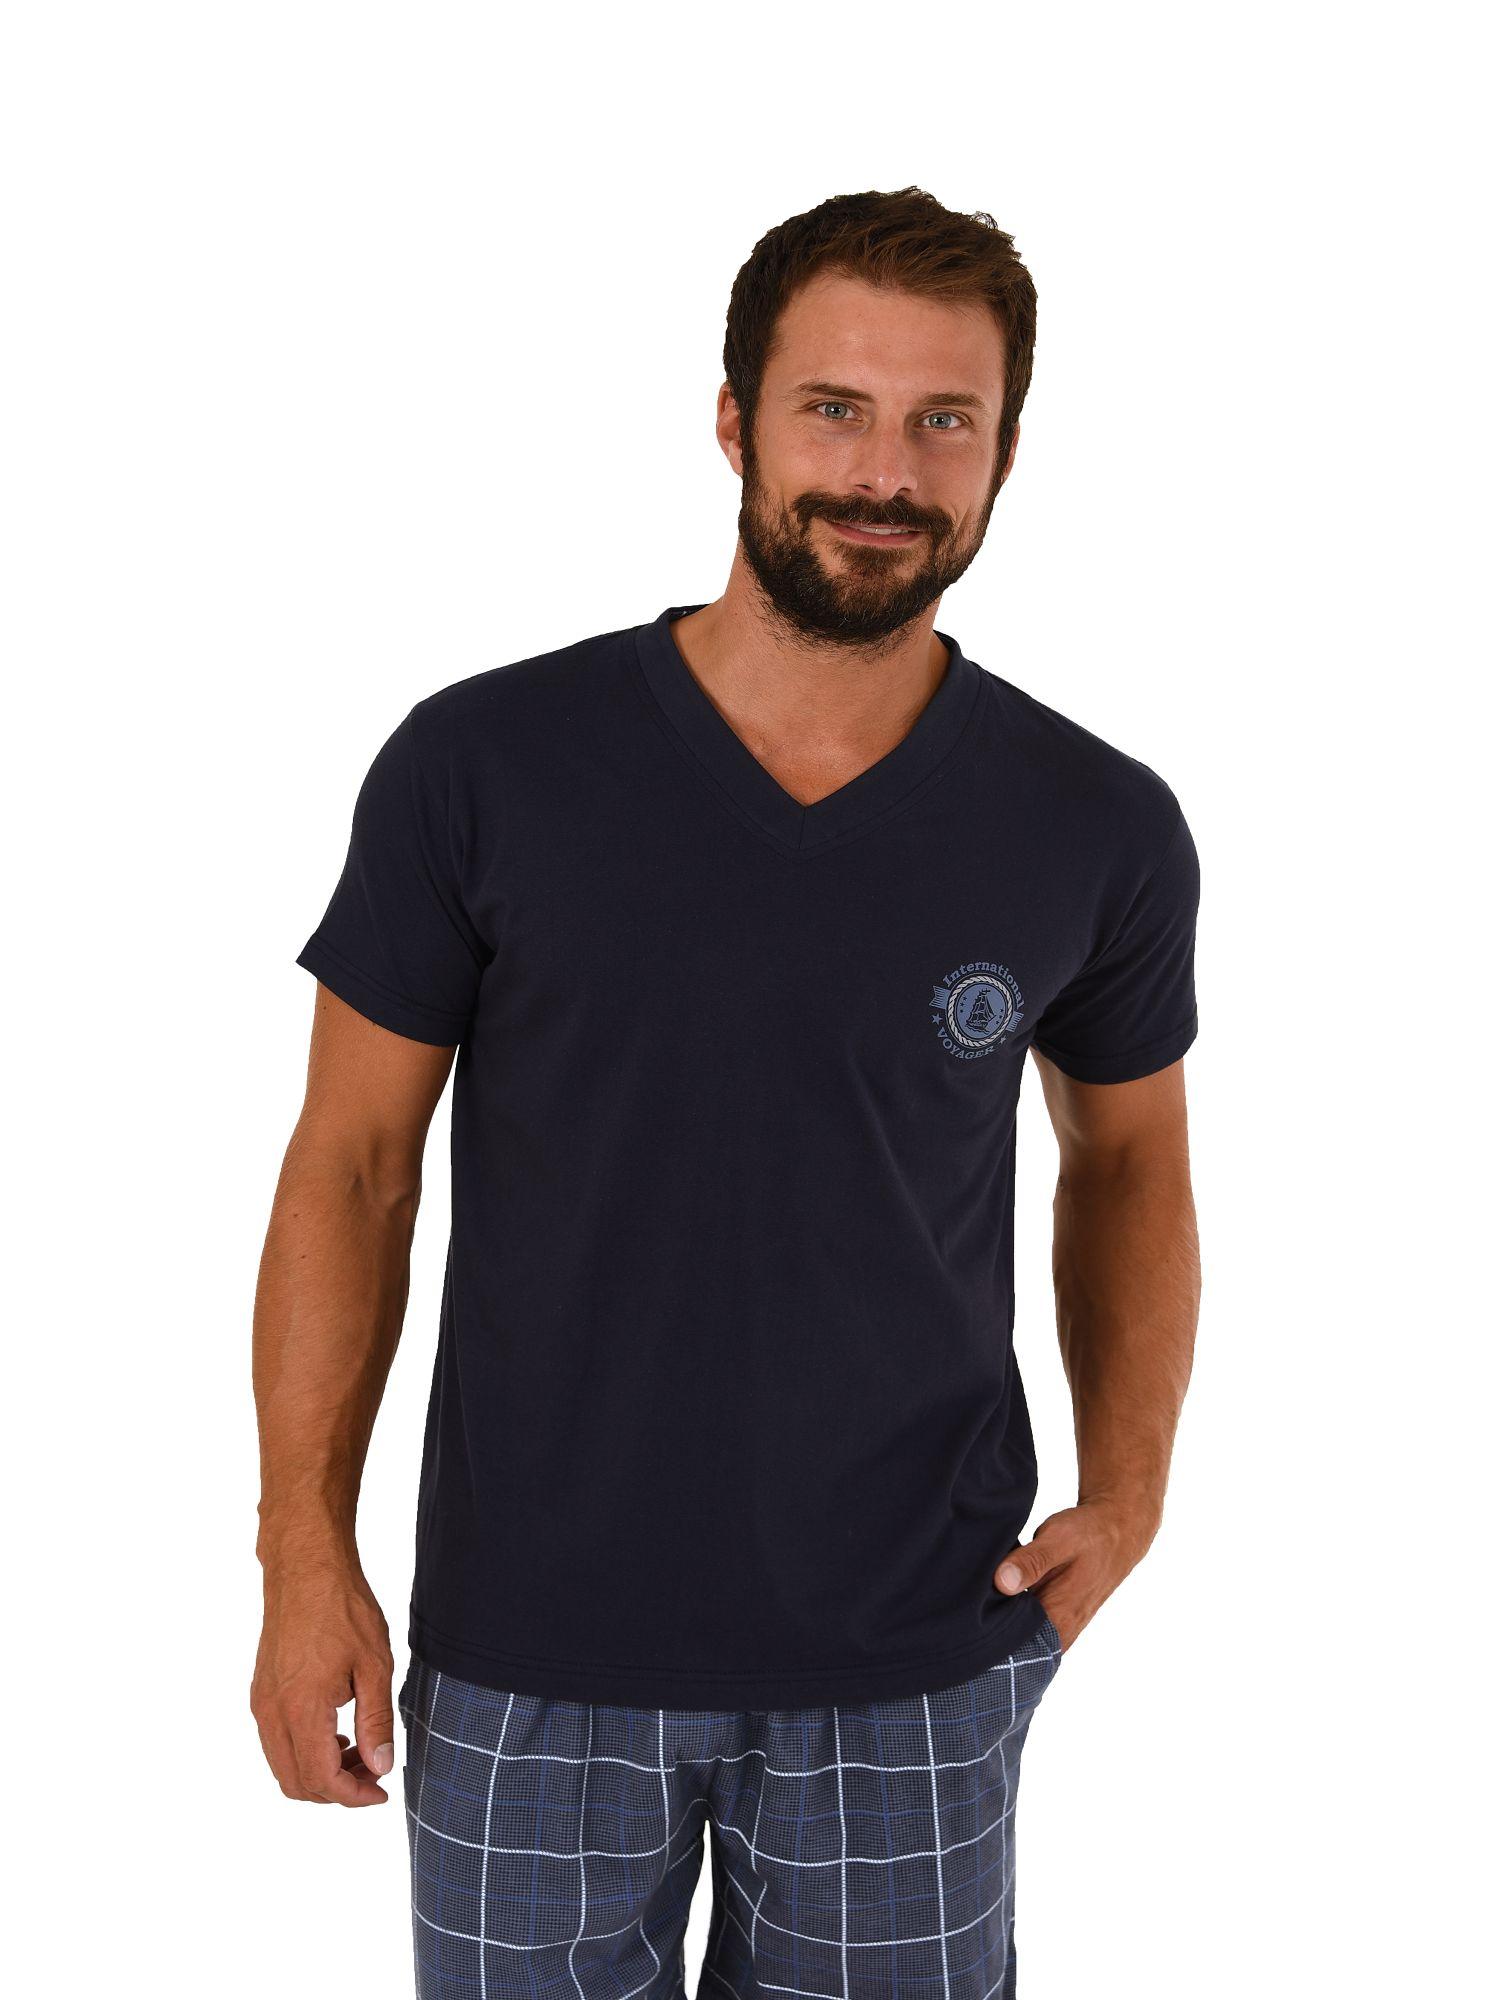 Herren Shirt - Oberteil kurzarm Mix & Match marine oder schwarz – 271 120 90 522 – Bild 1